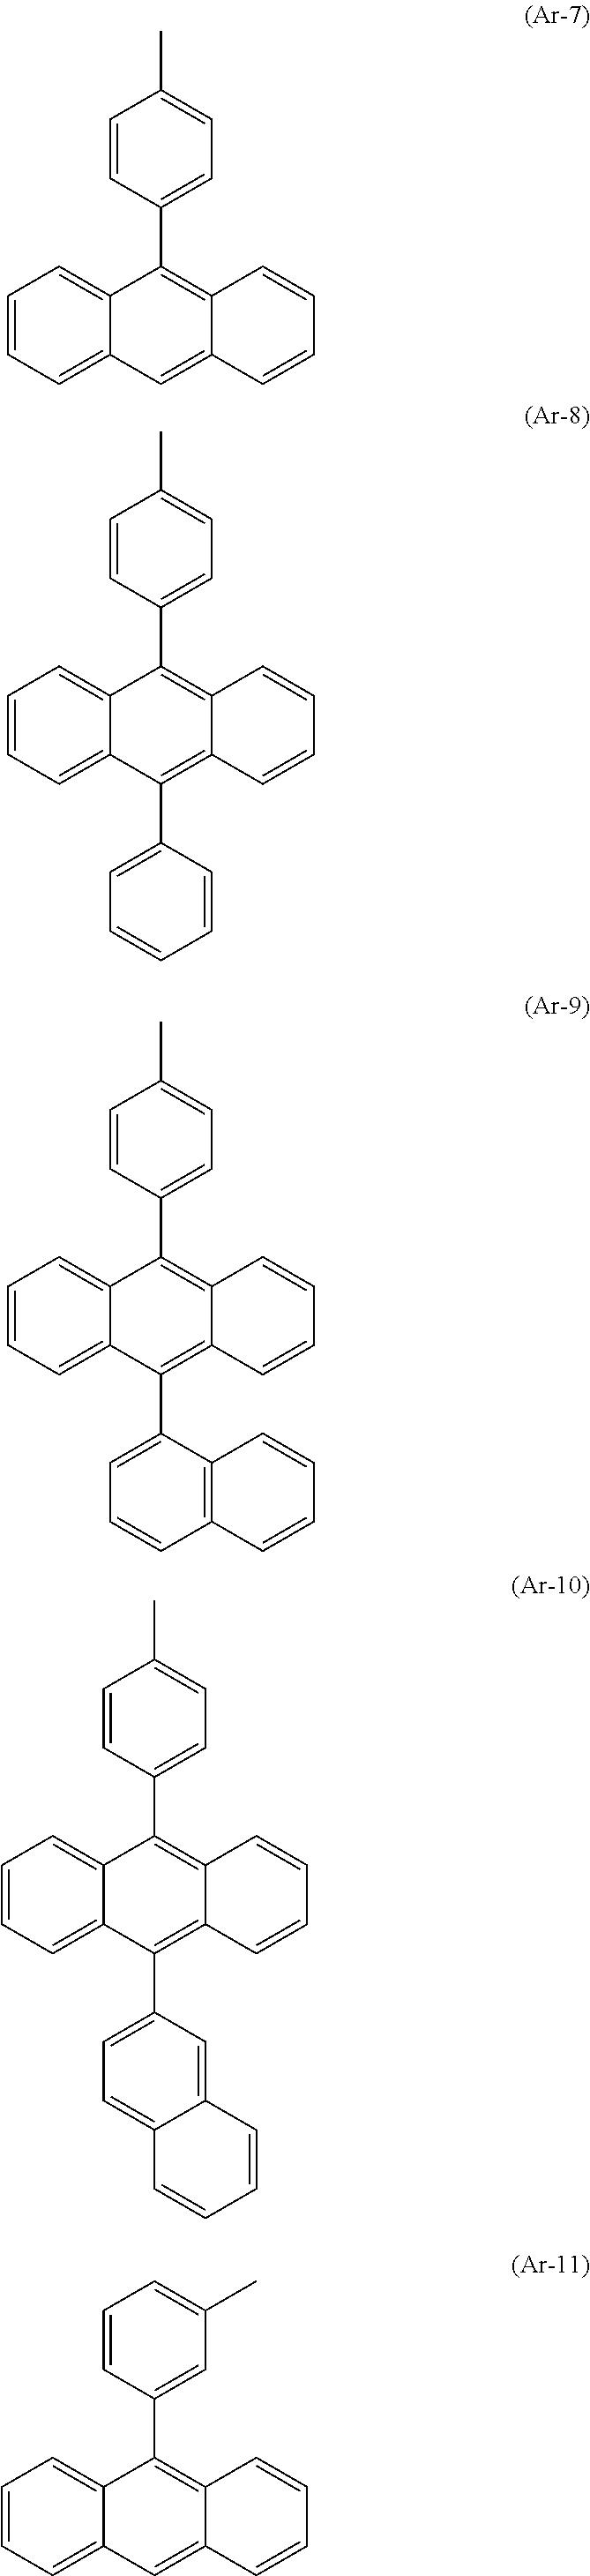 Figure US09240558-20160119-C00018